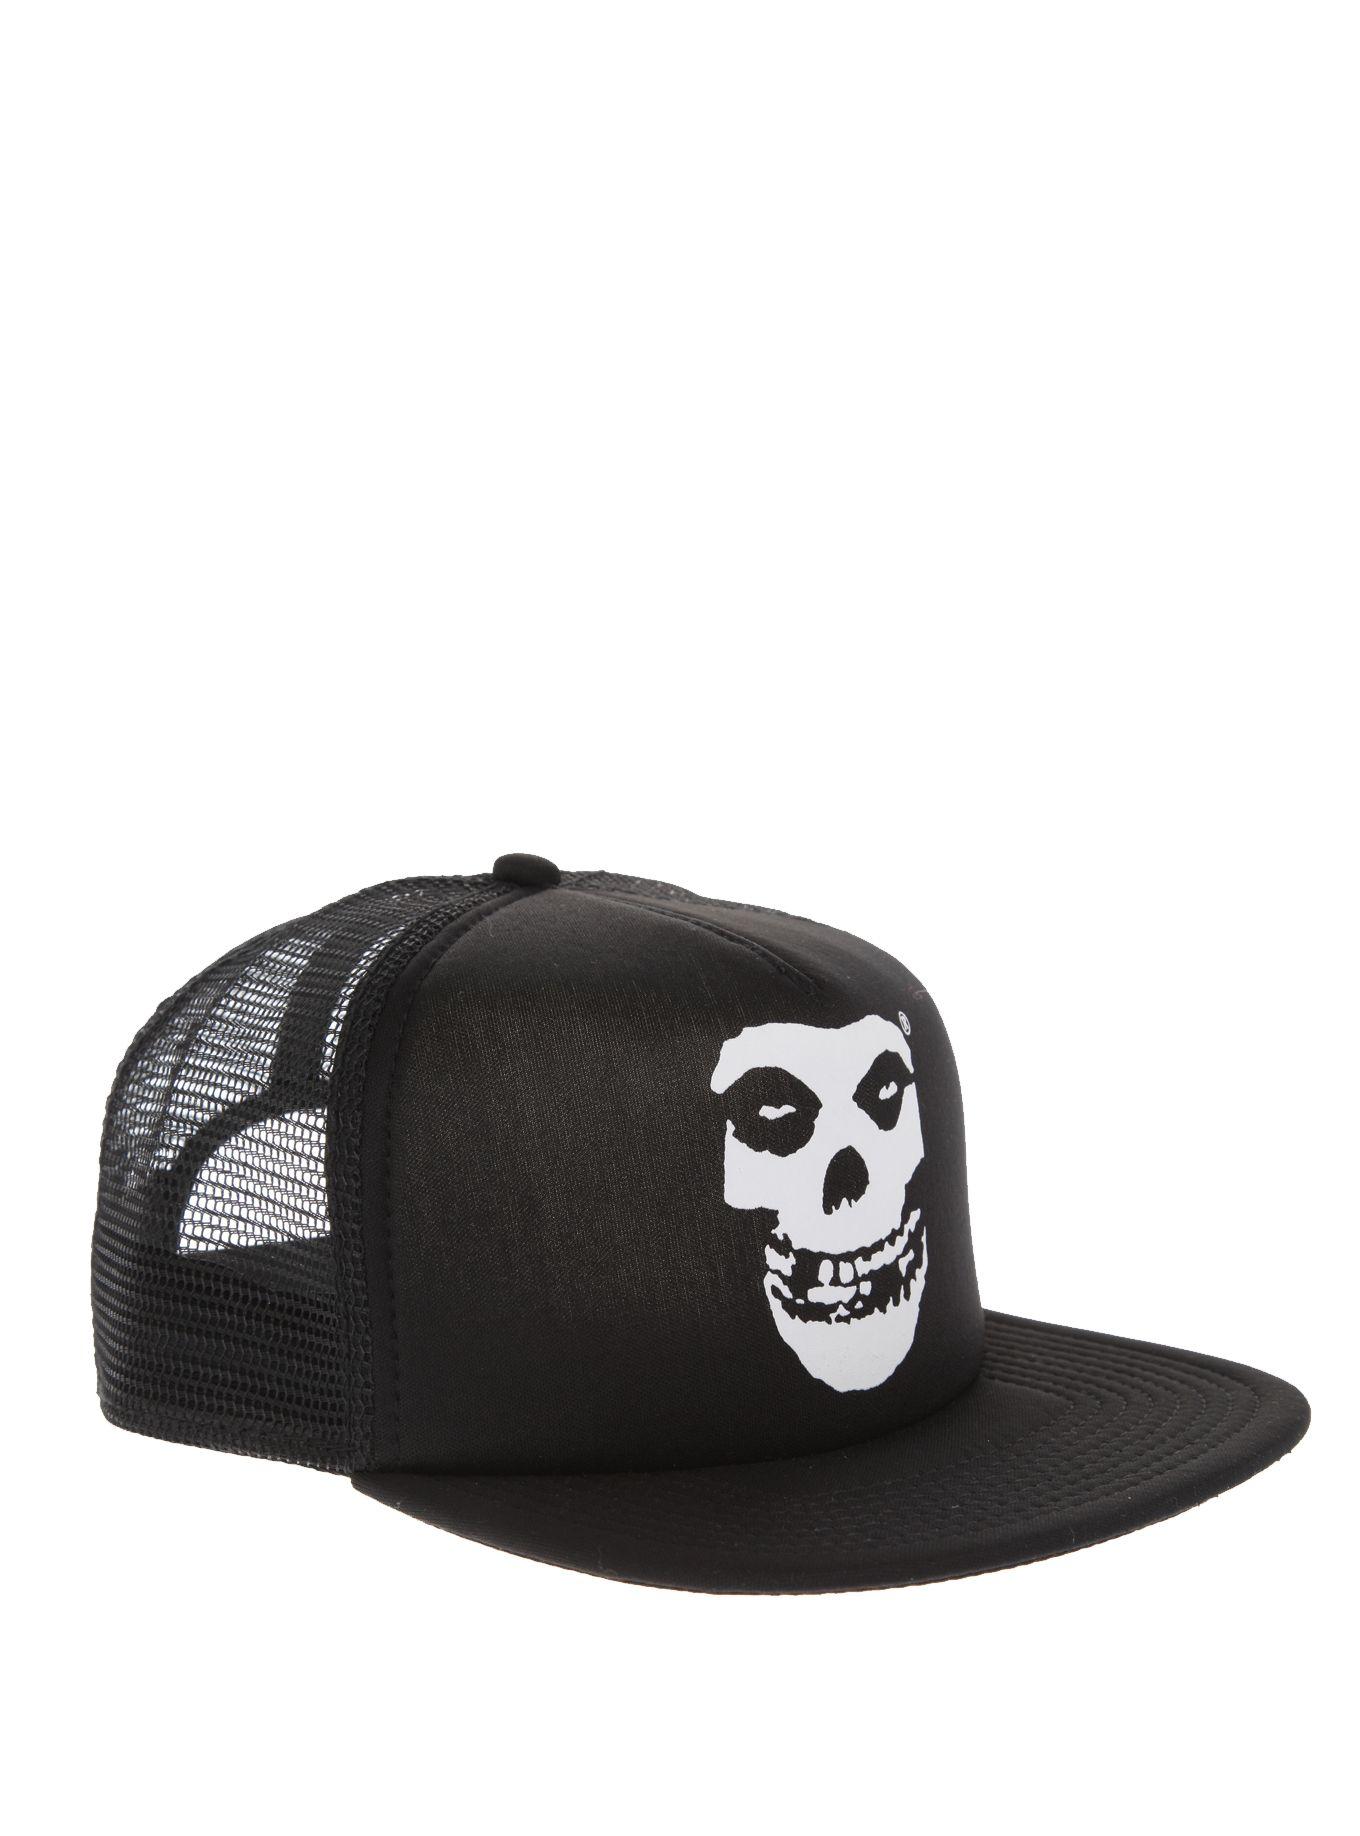 94a6b02eef319 Misfits Trucker Hat